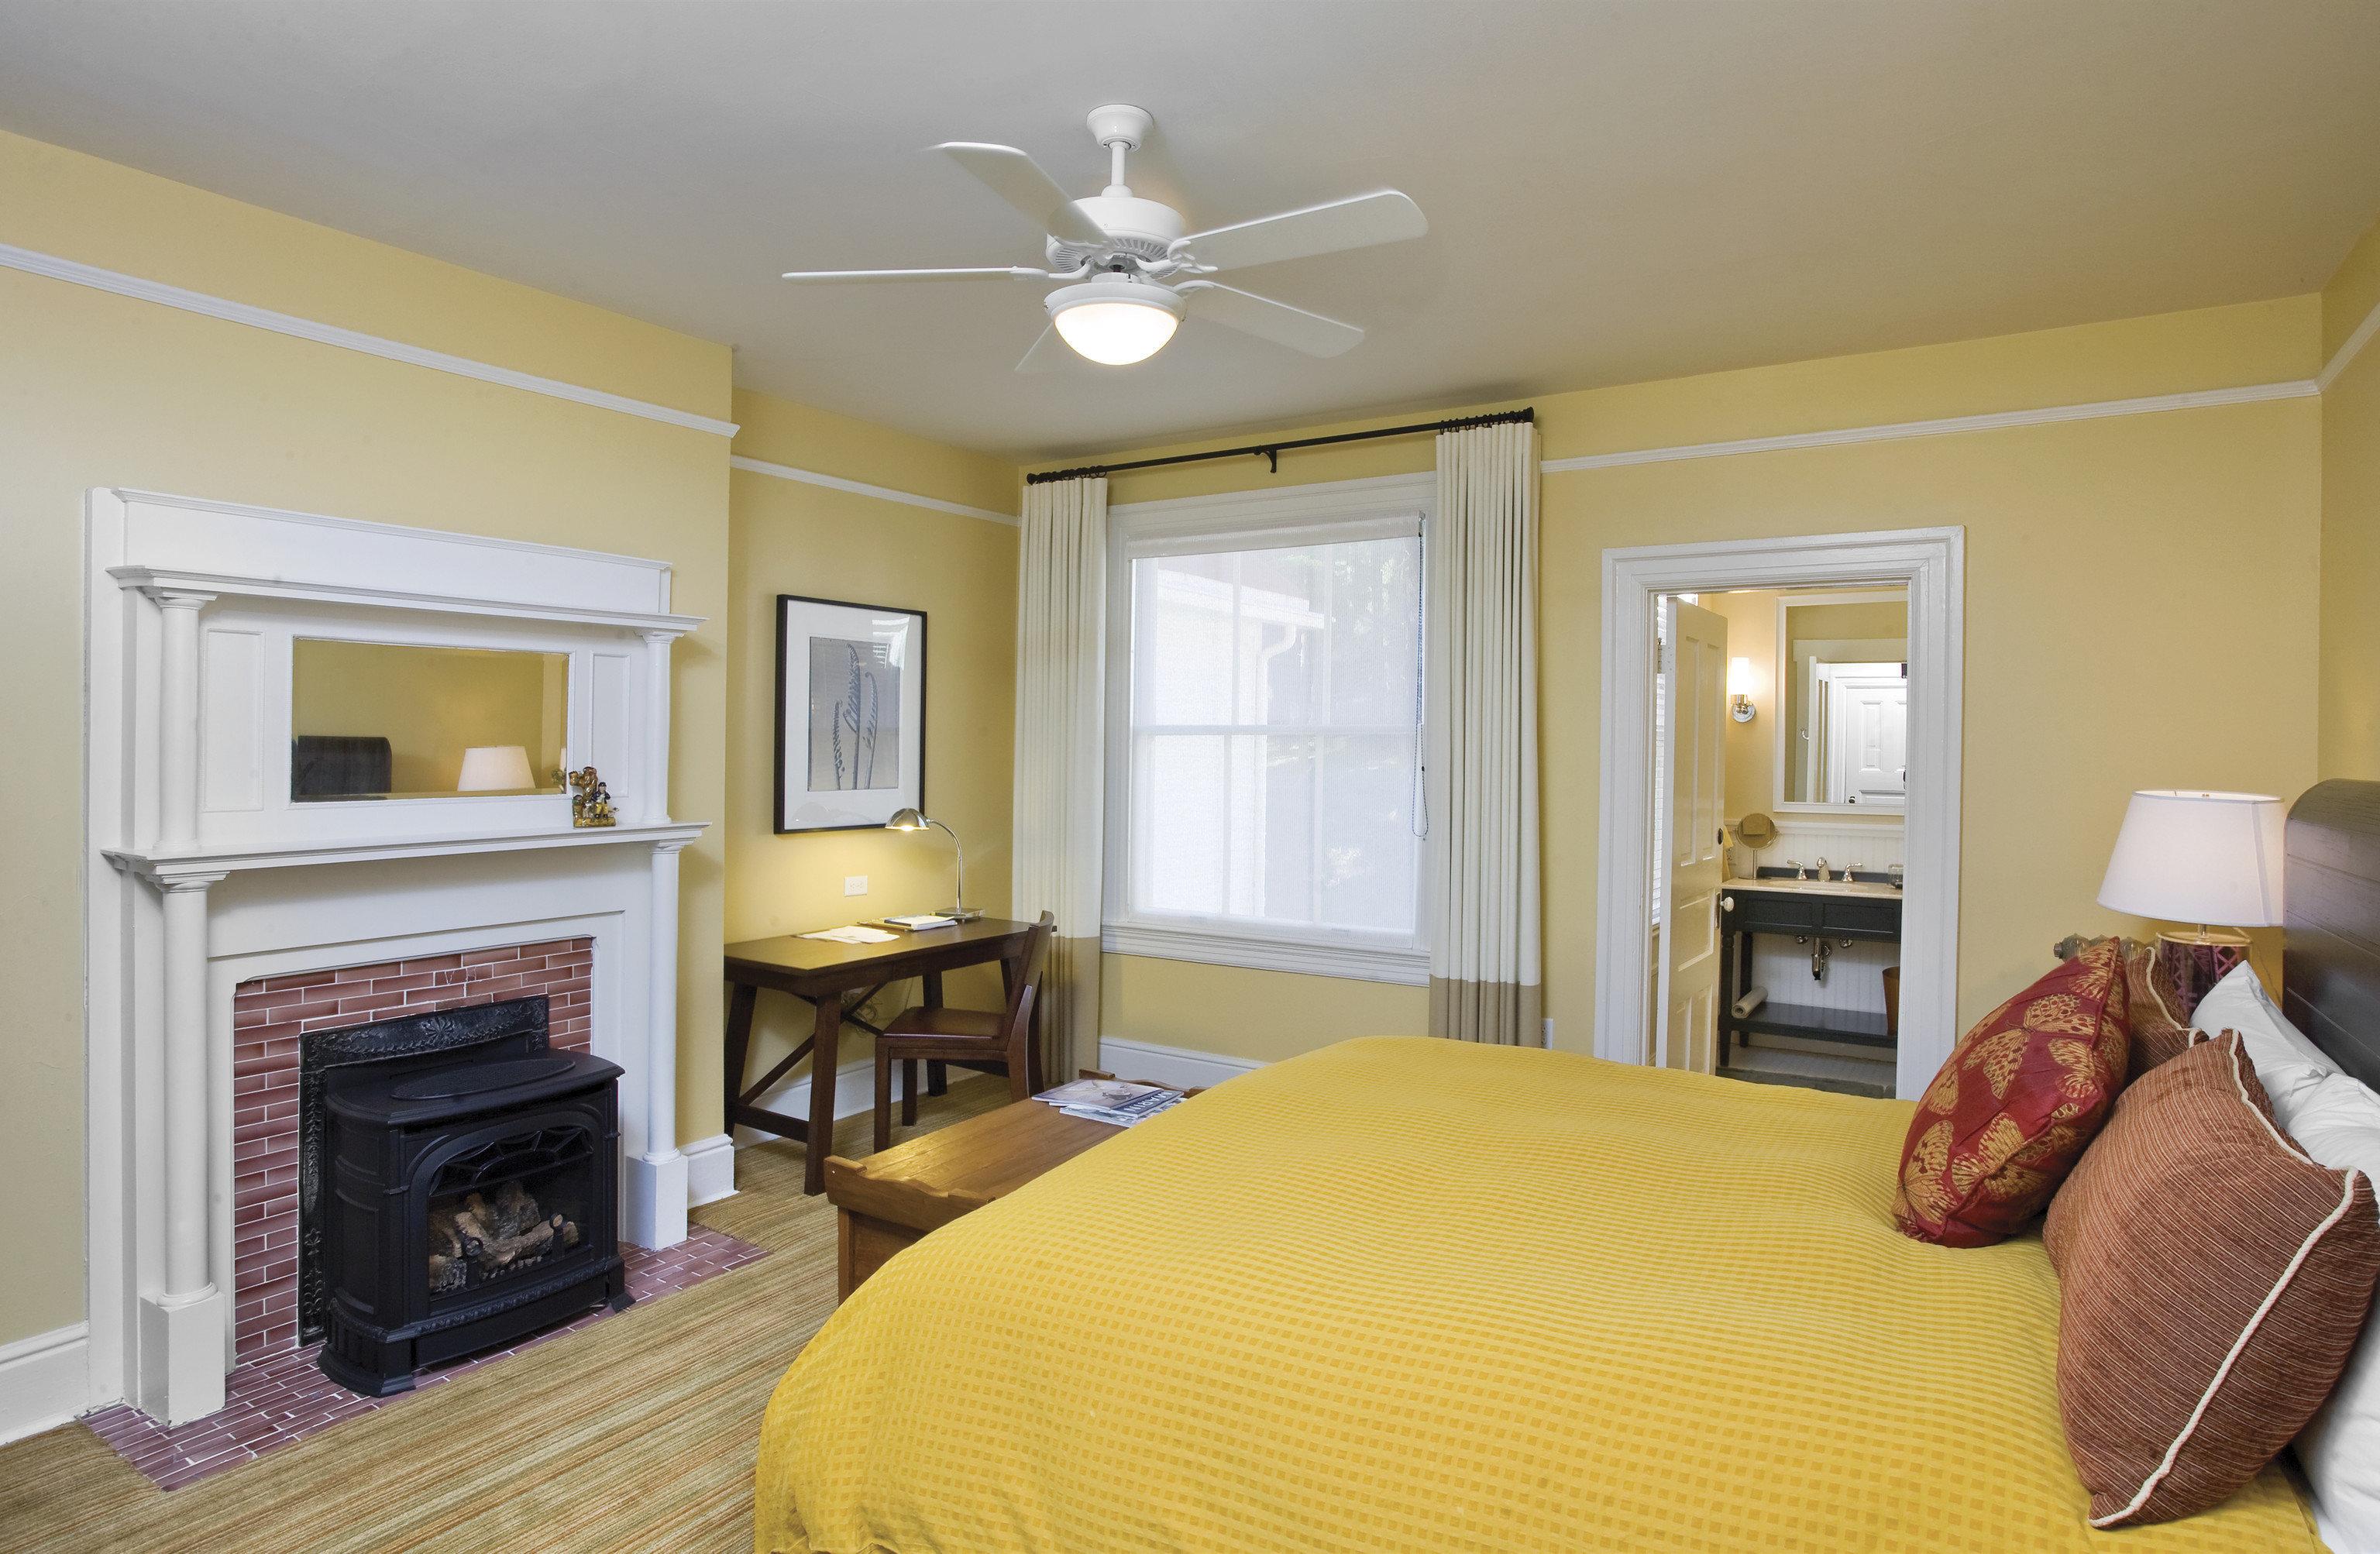 property Bedroom living room home cottage Suite hardwood